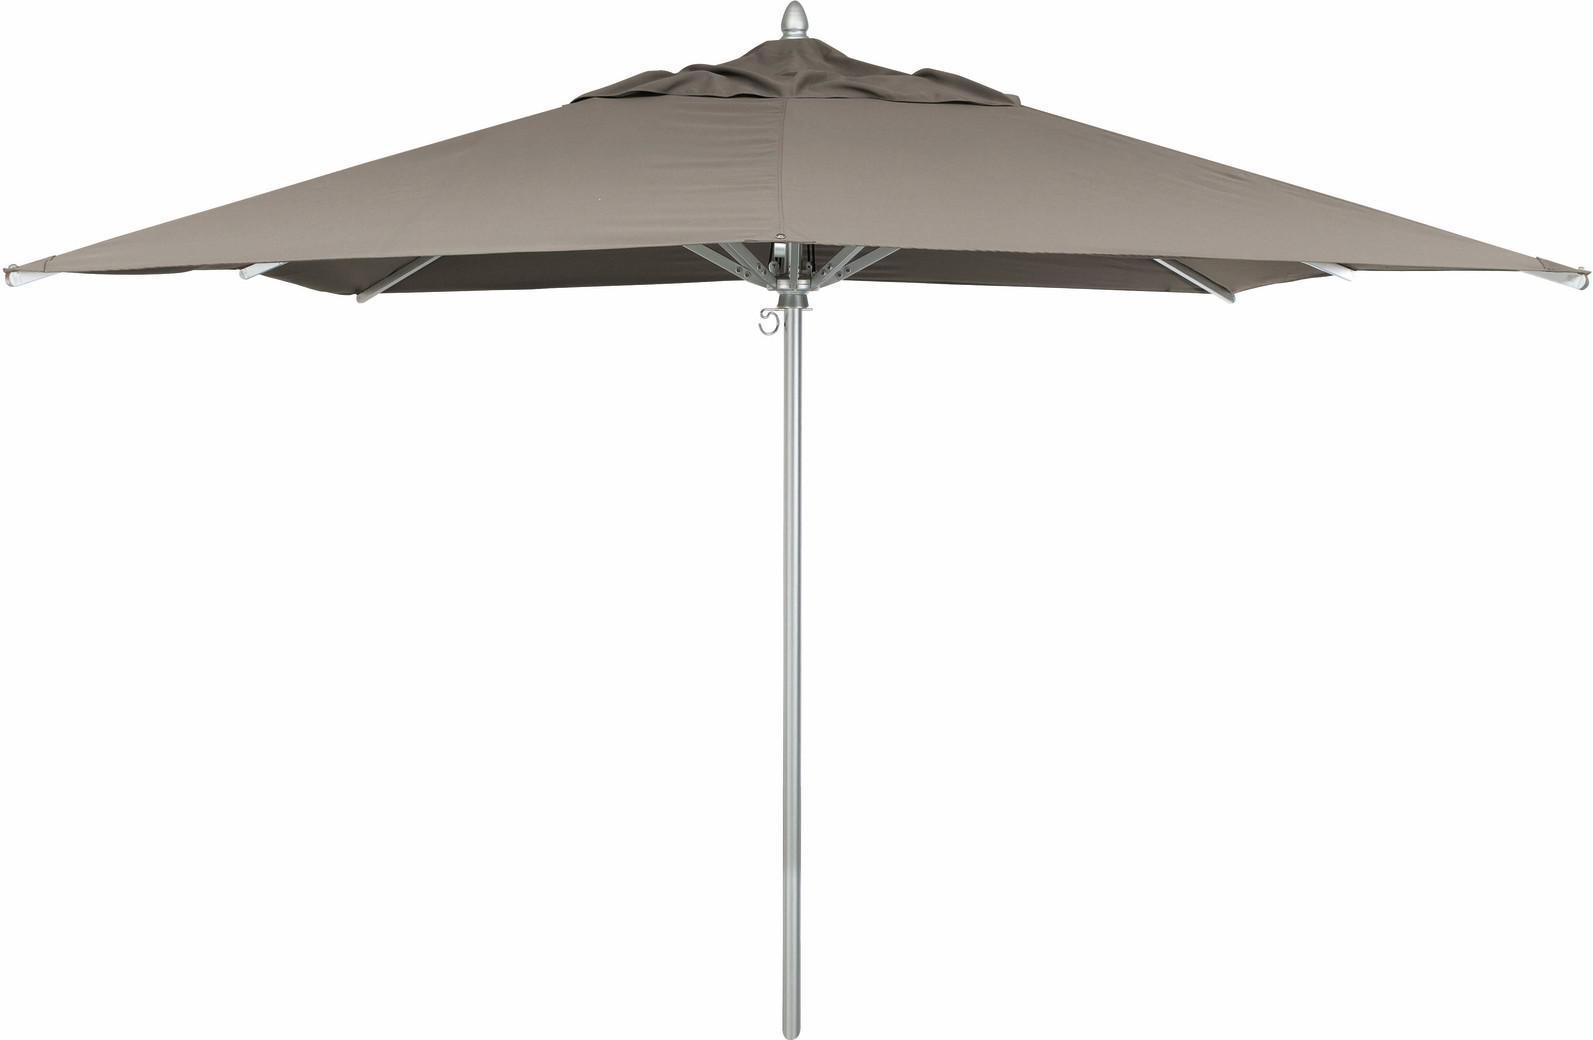 Umbrella - aluminium - 300*300 - taupe